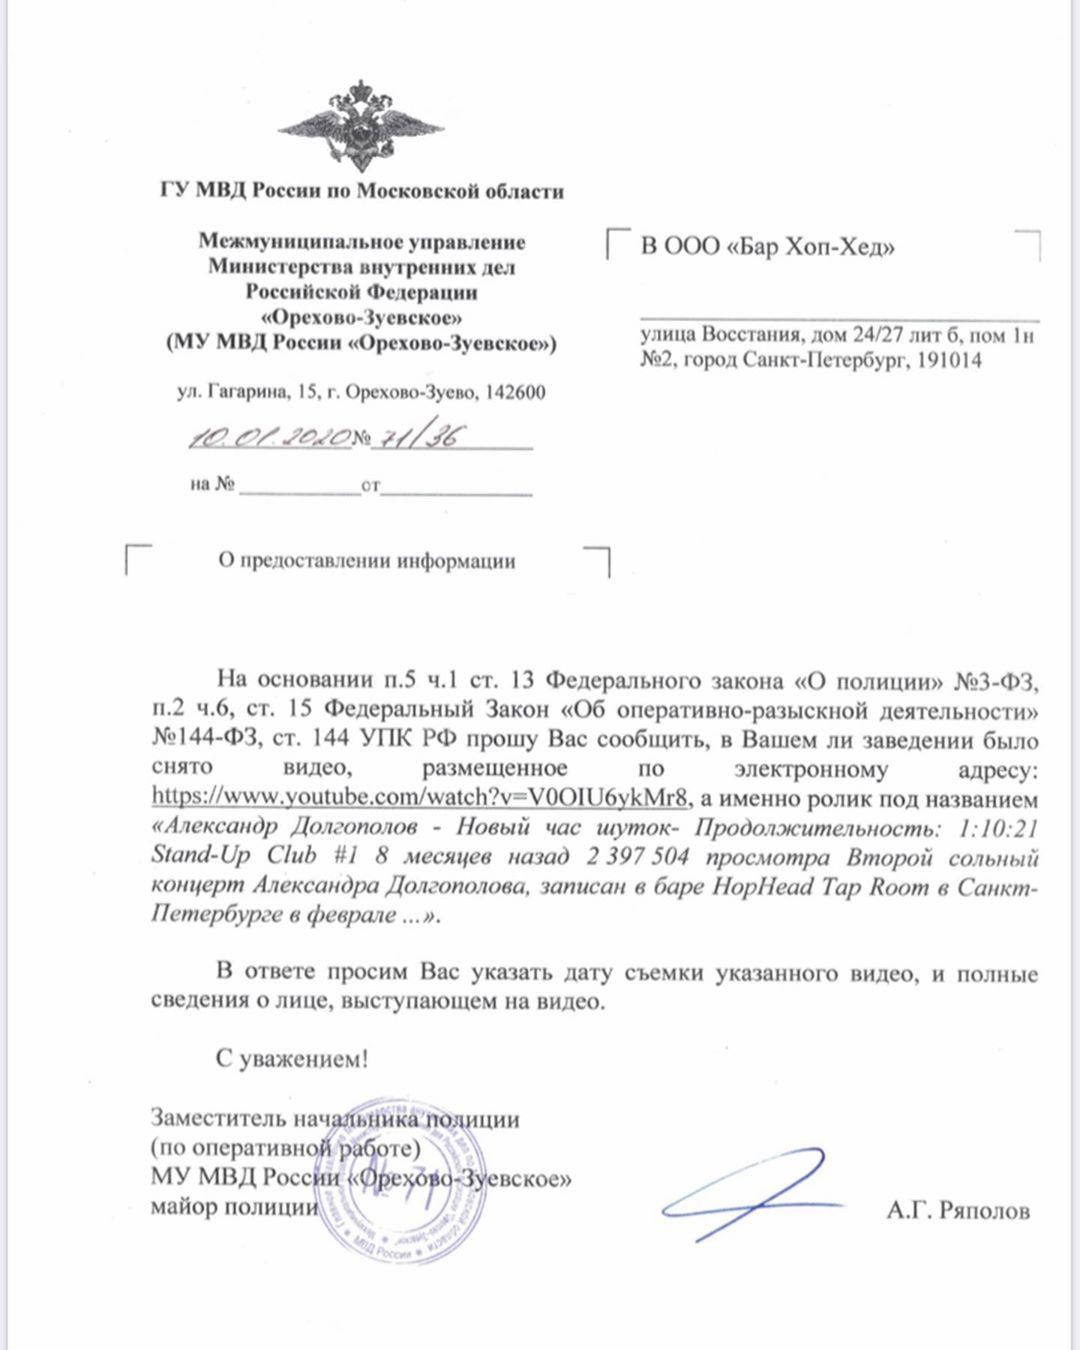 МВД запрос о Долгополове